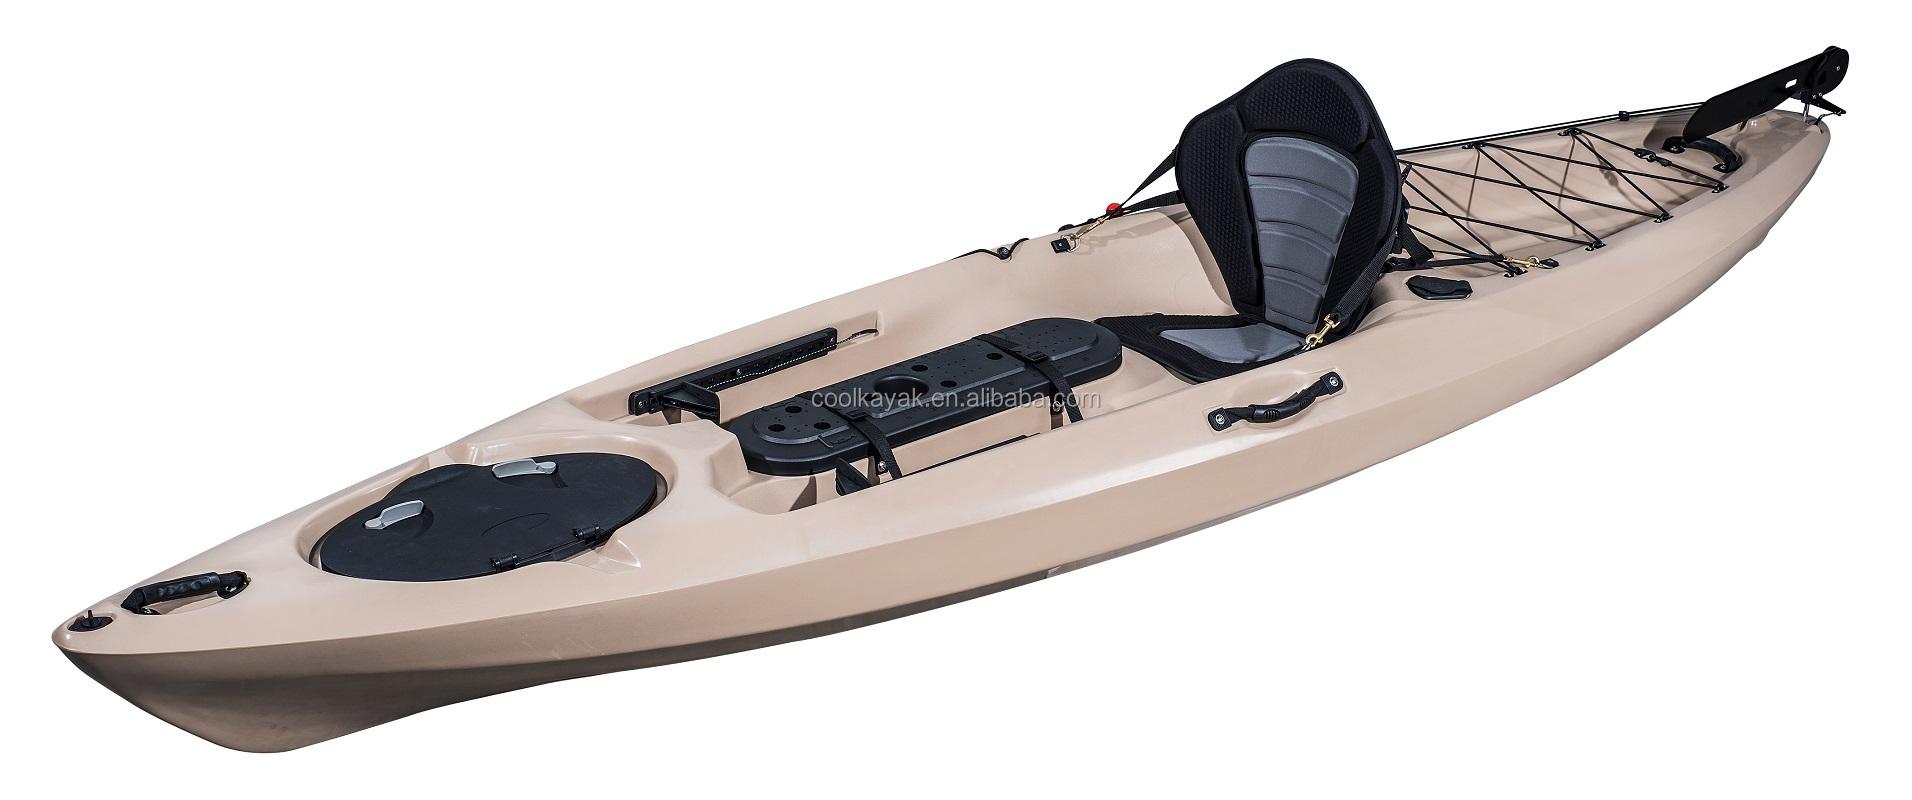 Share Diy Kayak Foot Pedals A Jke